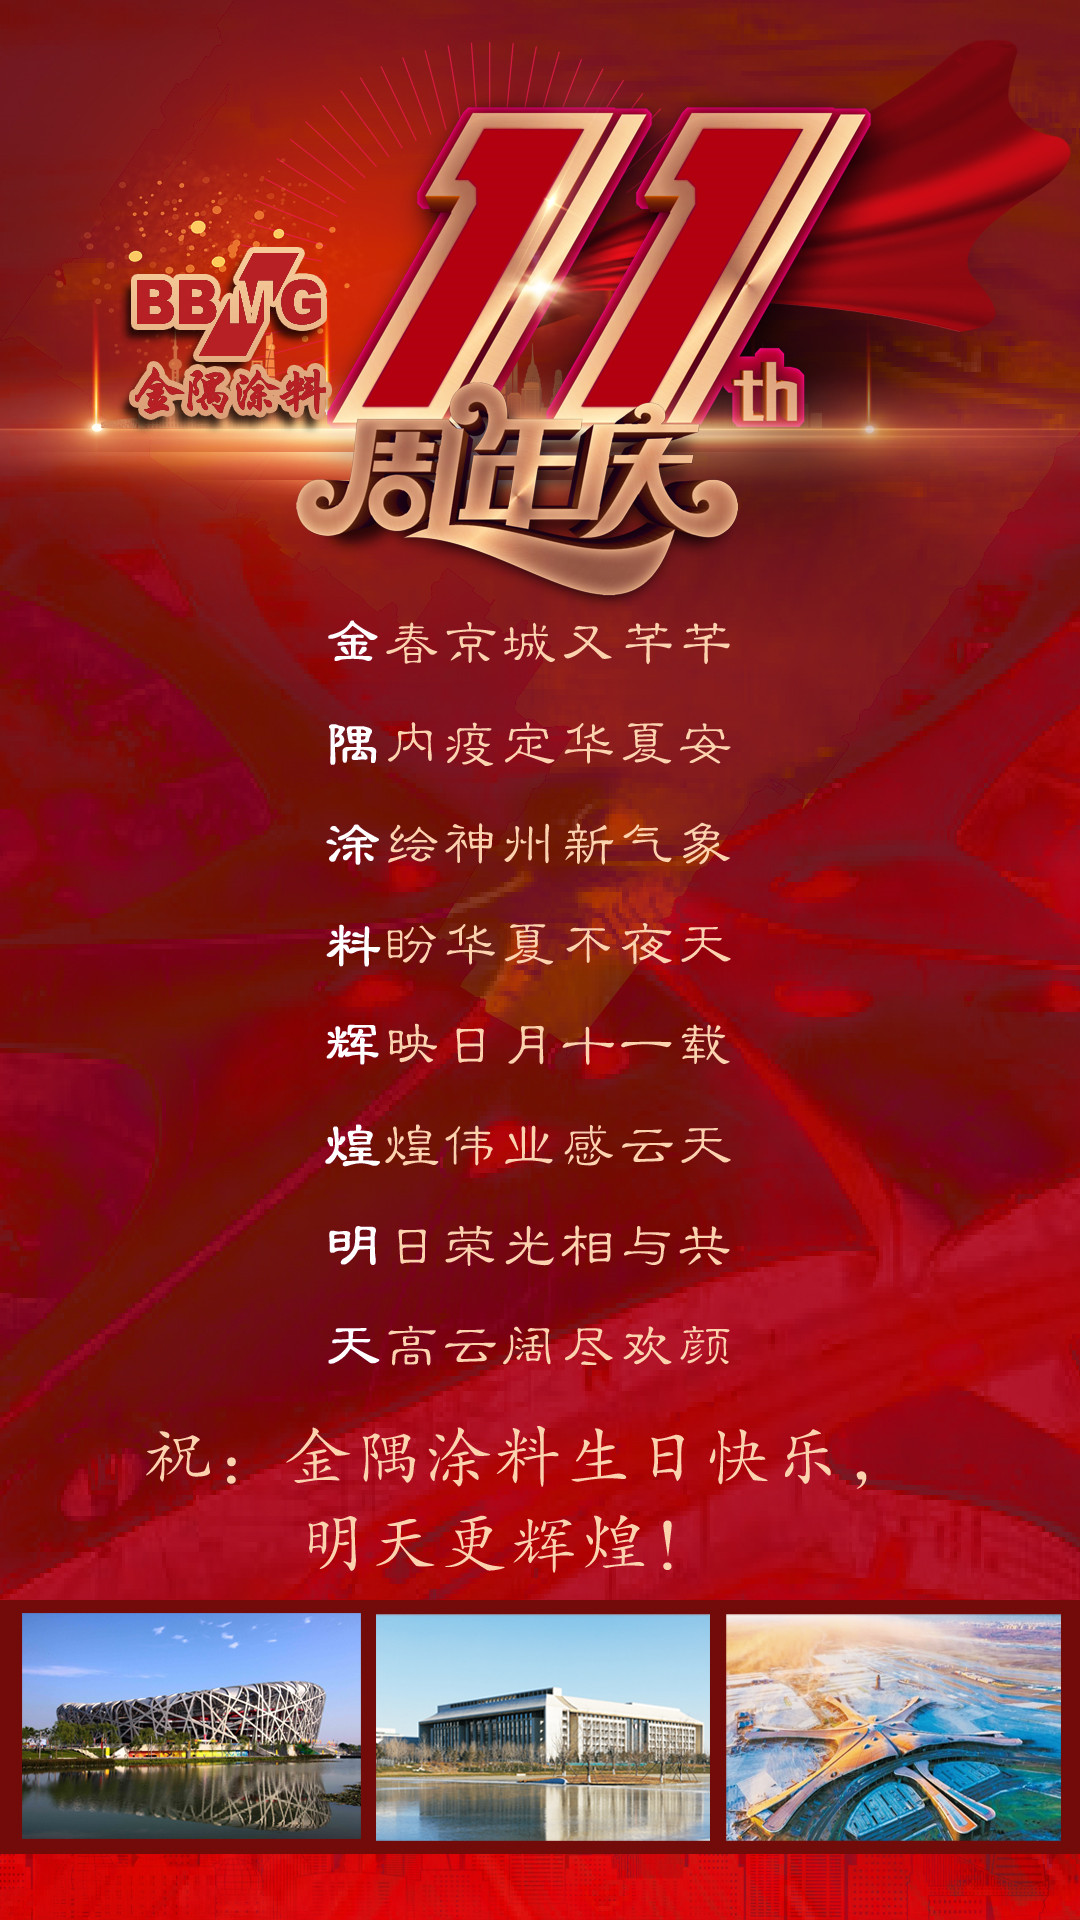 亚博电竞唯一官网亚博体育app下载安装苹果版11周年庆_副本.jpg